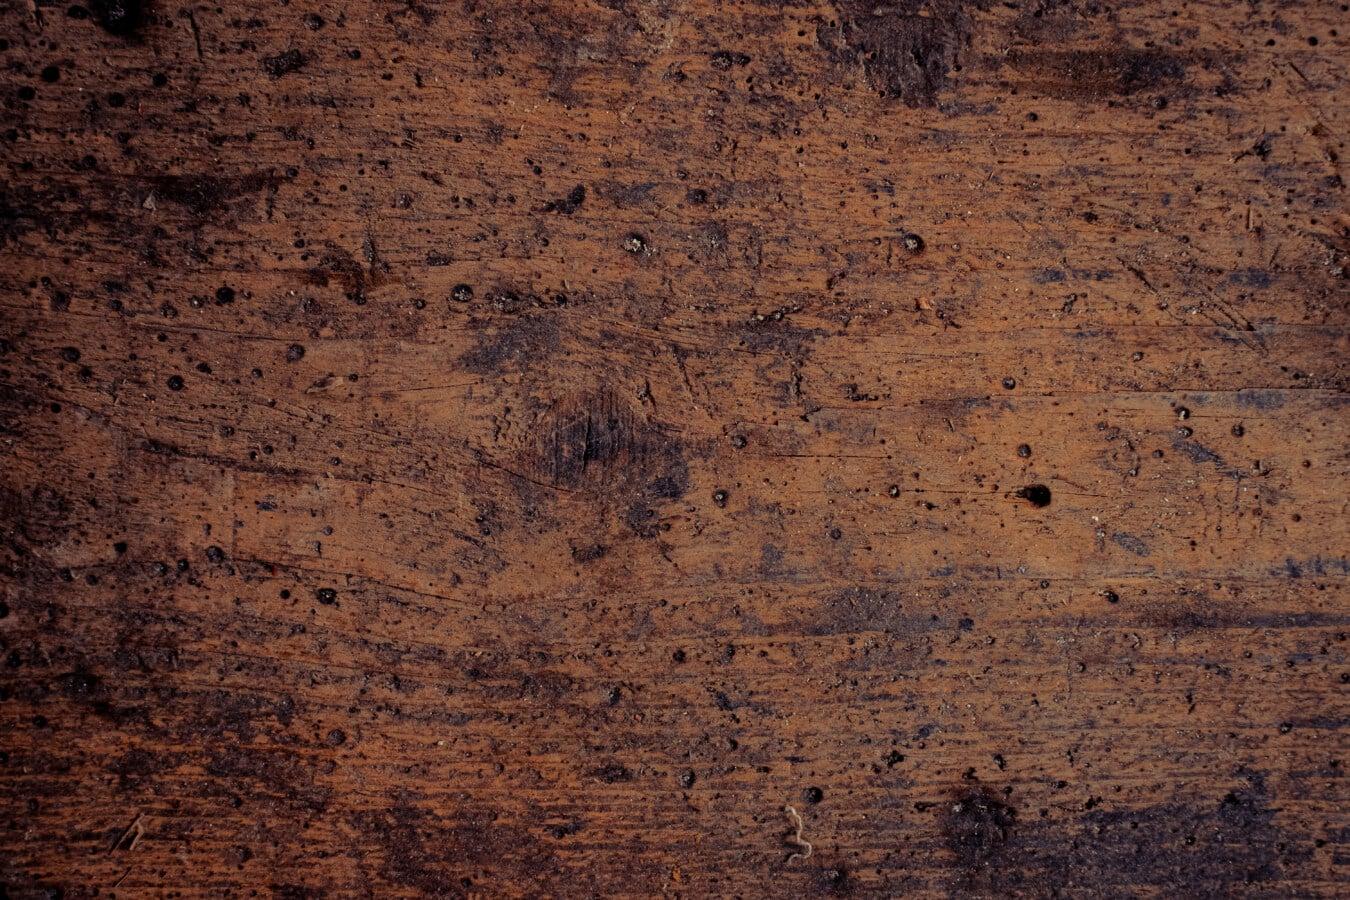 Verfall, Knot, Jahrgang, Textur, Plank, Eiche, Braun, Planken, dreckig, Dunkel